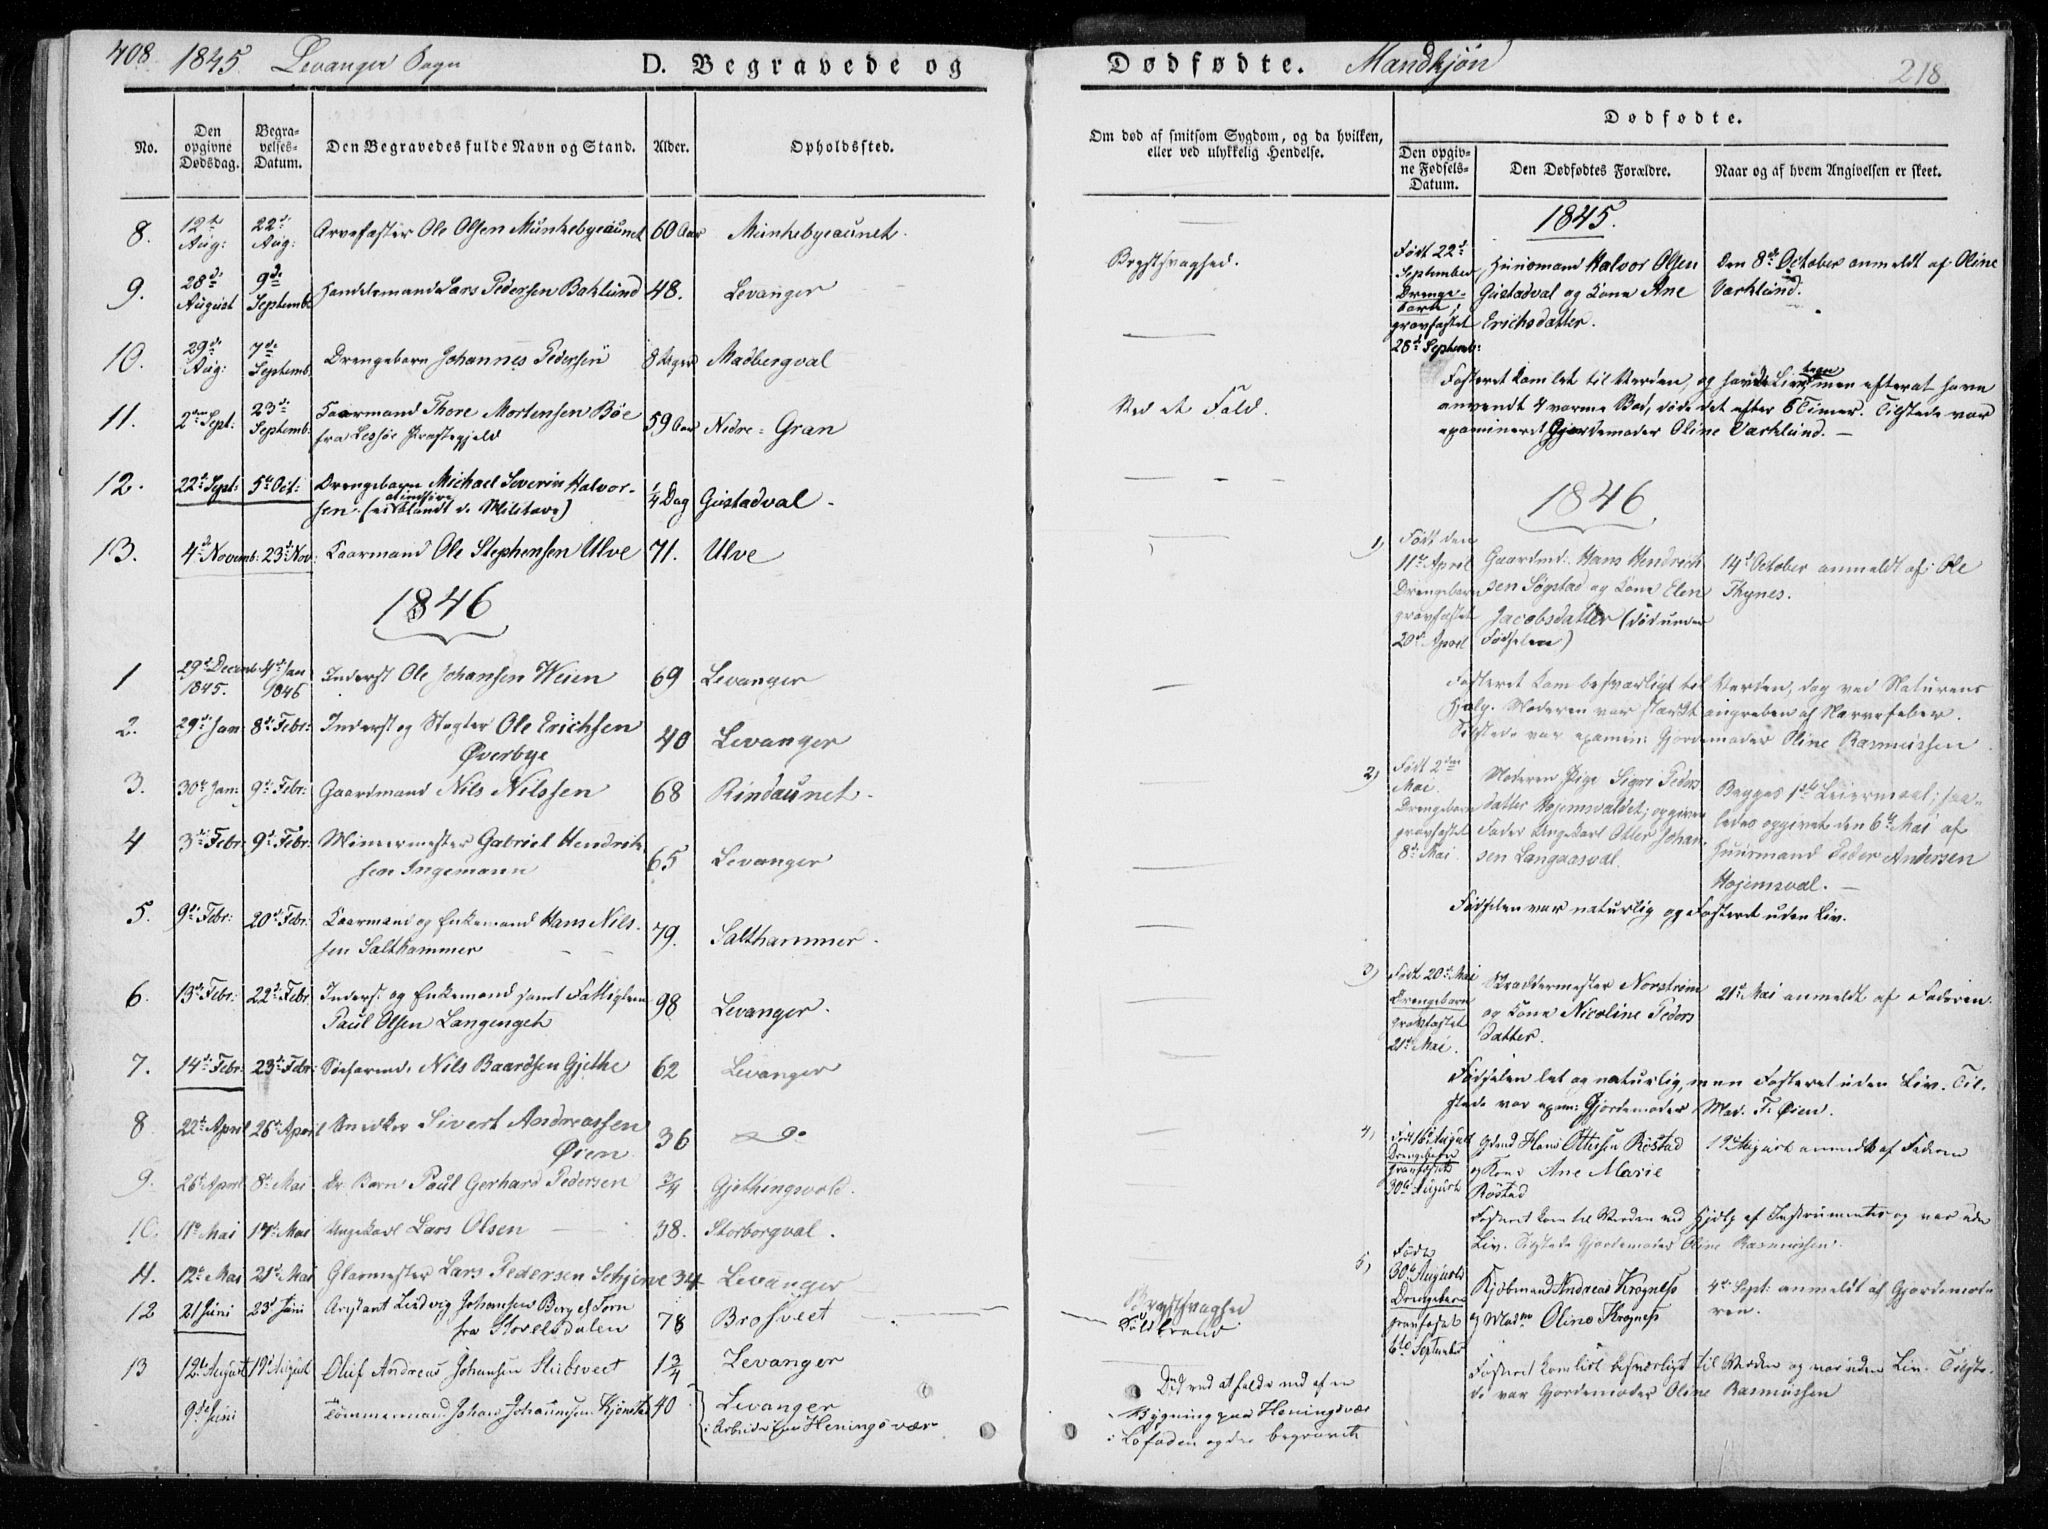 SAT, Ministerialprotokoller, klokkerbøker og fødselsregistre - Nord-Trøndelag, 720/L0183: Ministerialbok nr. 720A01, 1836-1855, s. 218